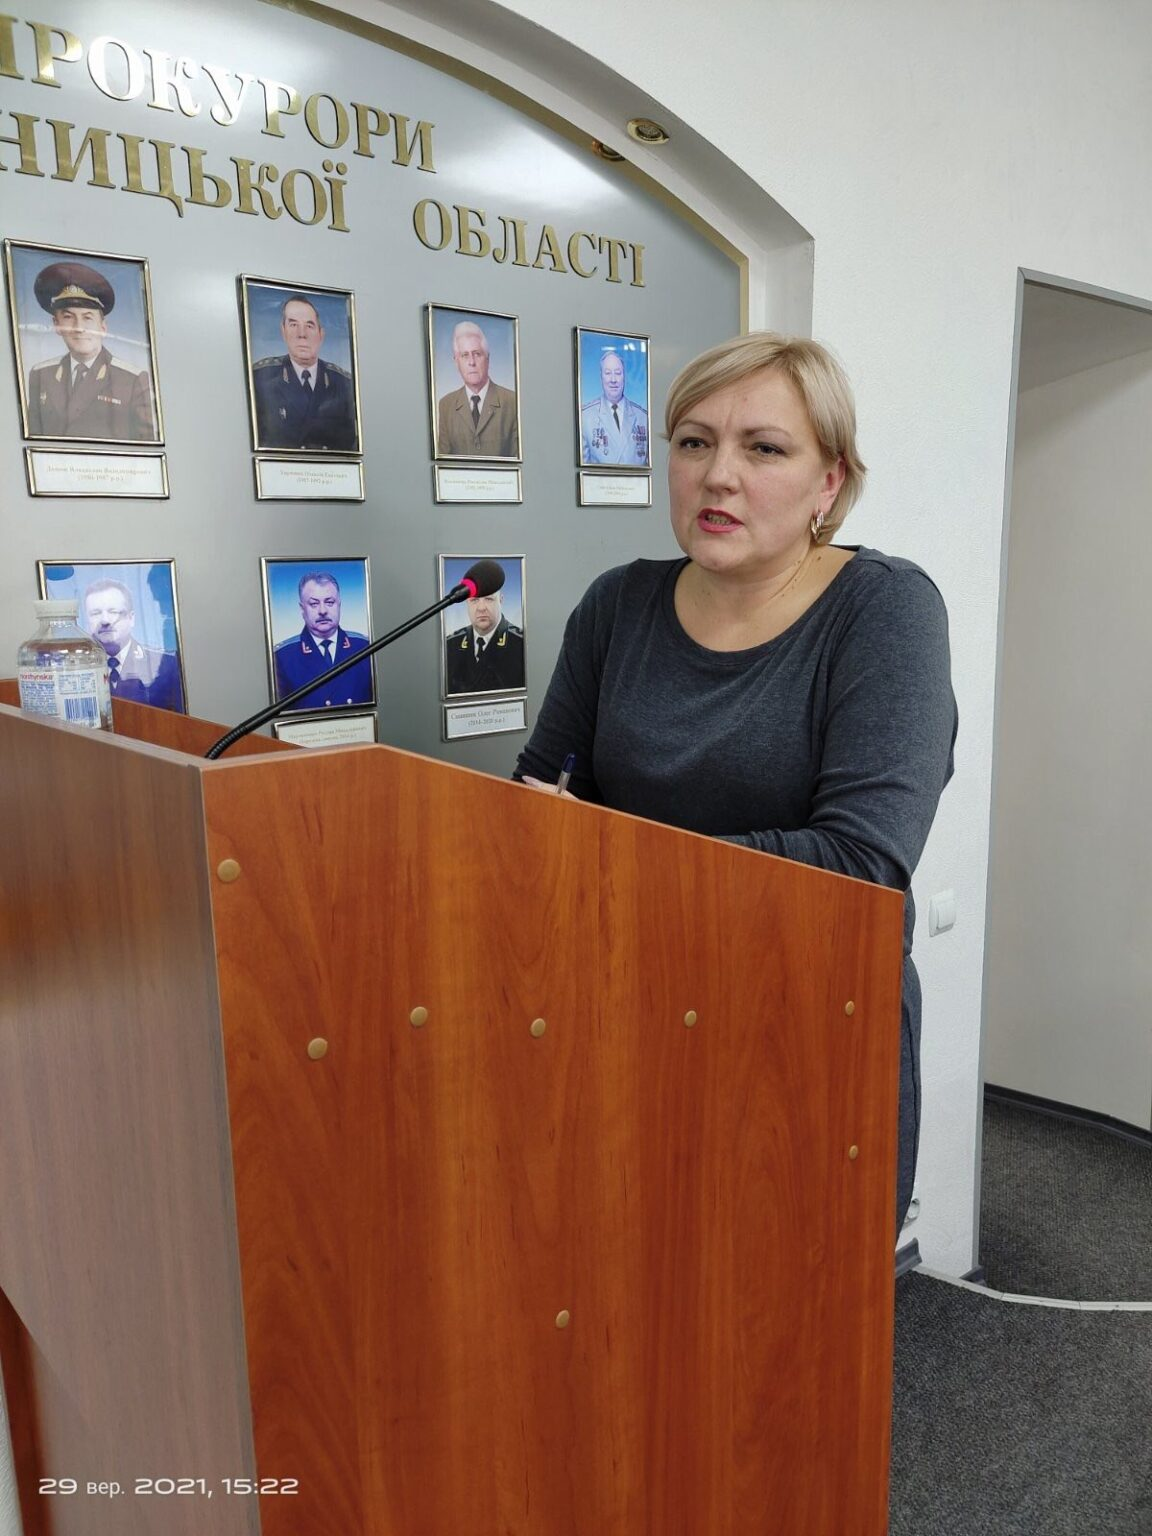 Експерти Хмельницького відділення КНДІСЕ взяли участь у семінарі для прокурорів Хмельницької обласної прокуратури